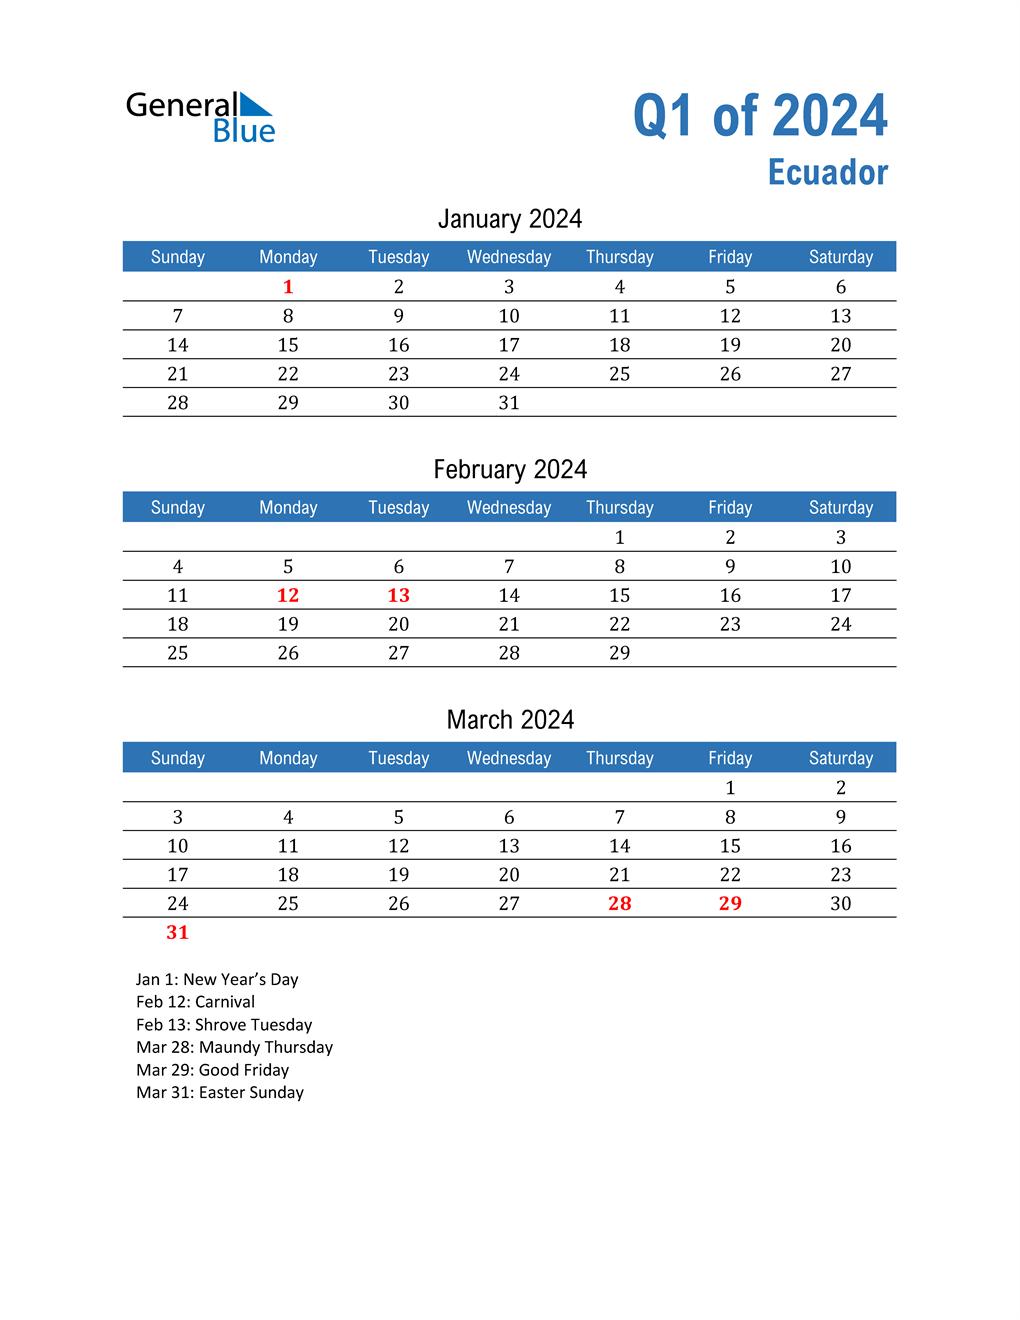 Ecuador 2024 Quarterly Calendar